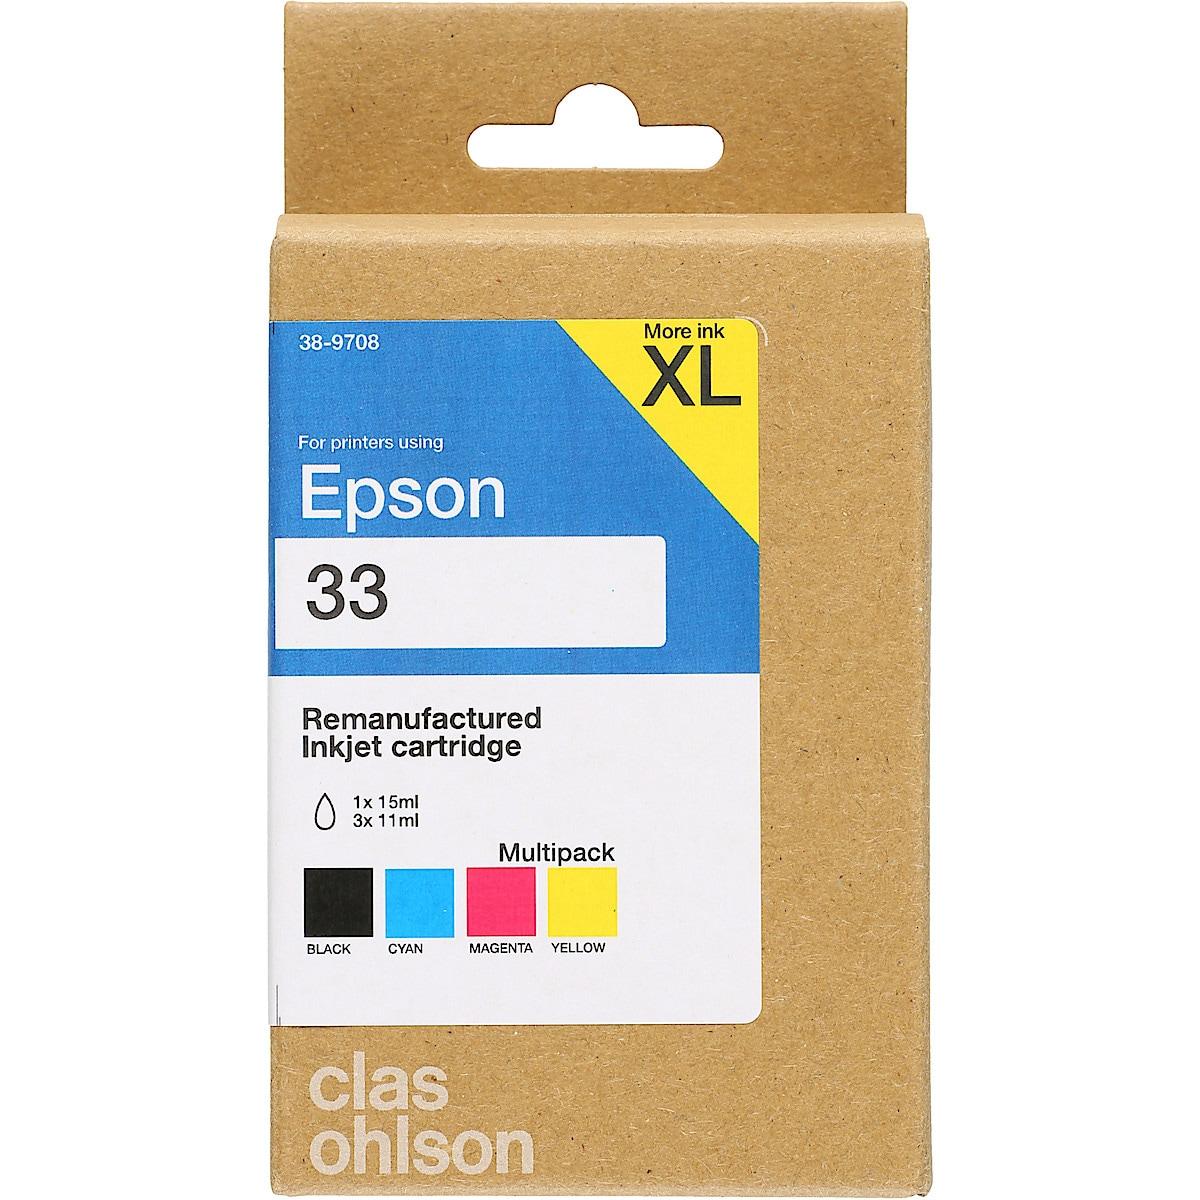 Epson T33 bläckpatron multipack XL, Clas Ohlson